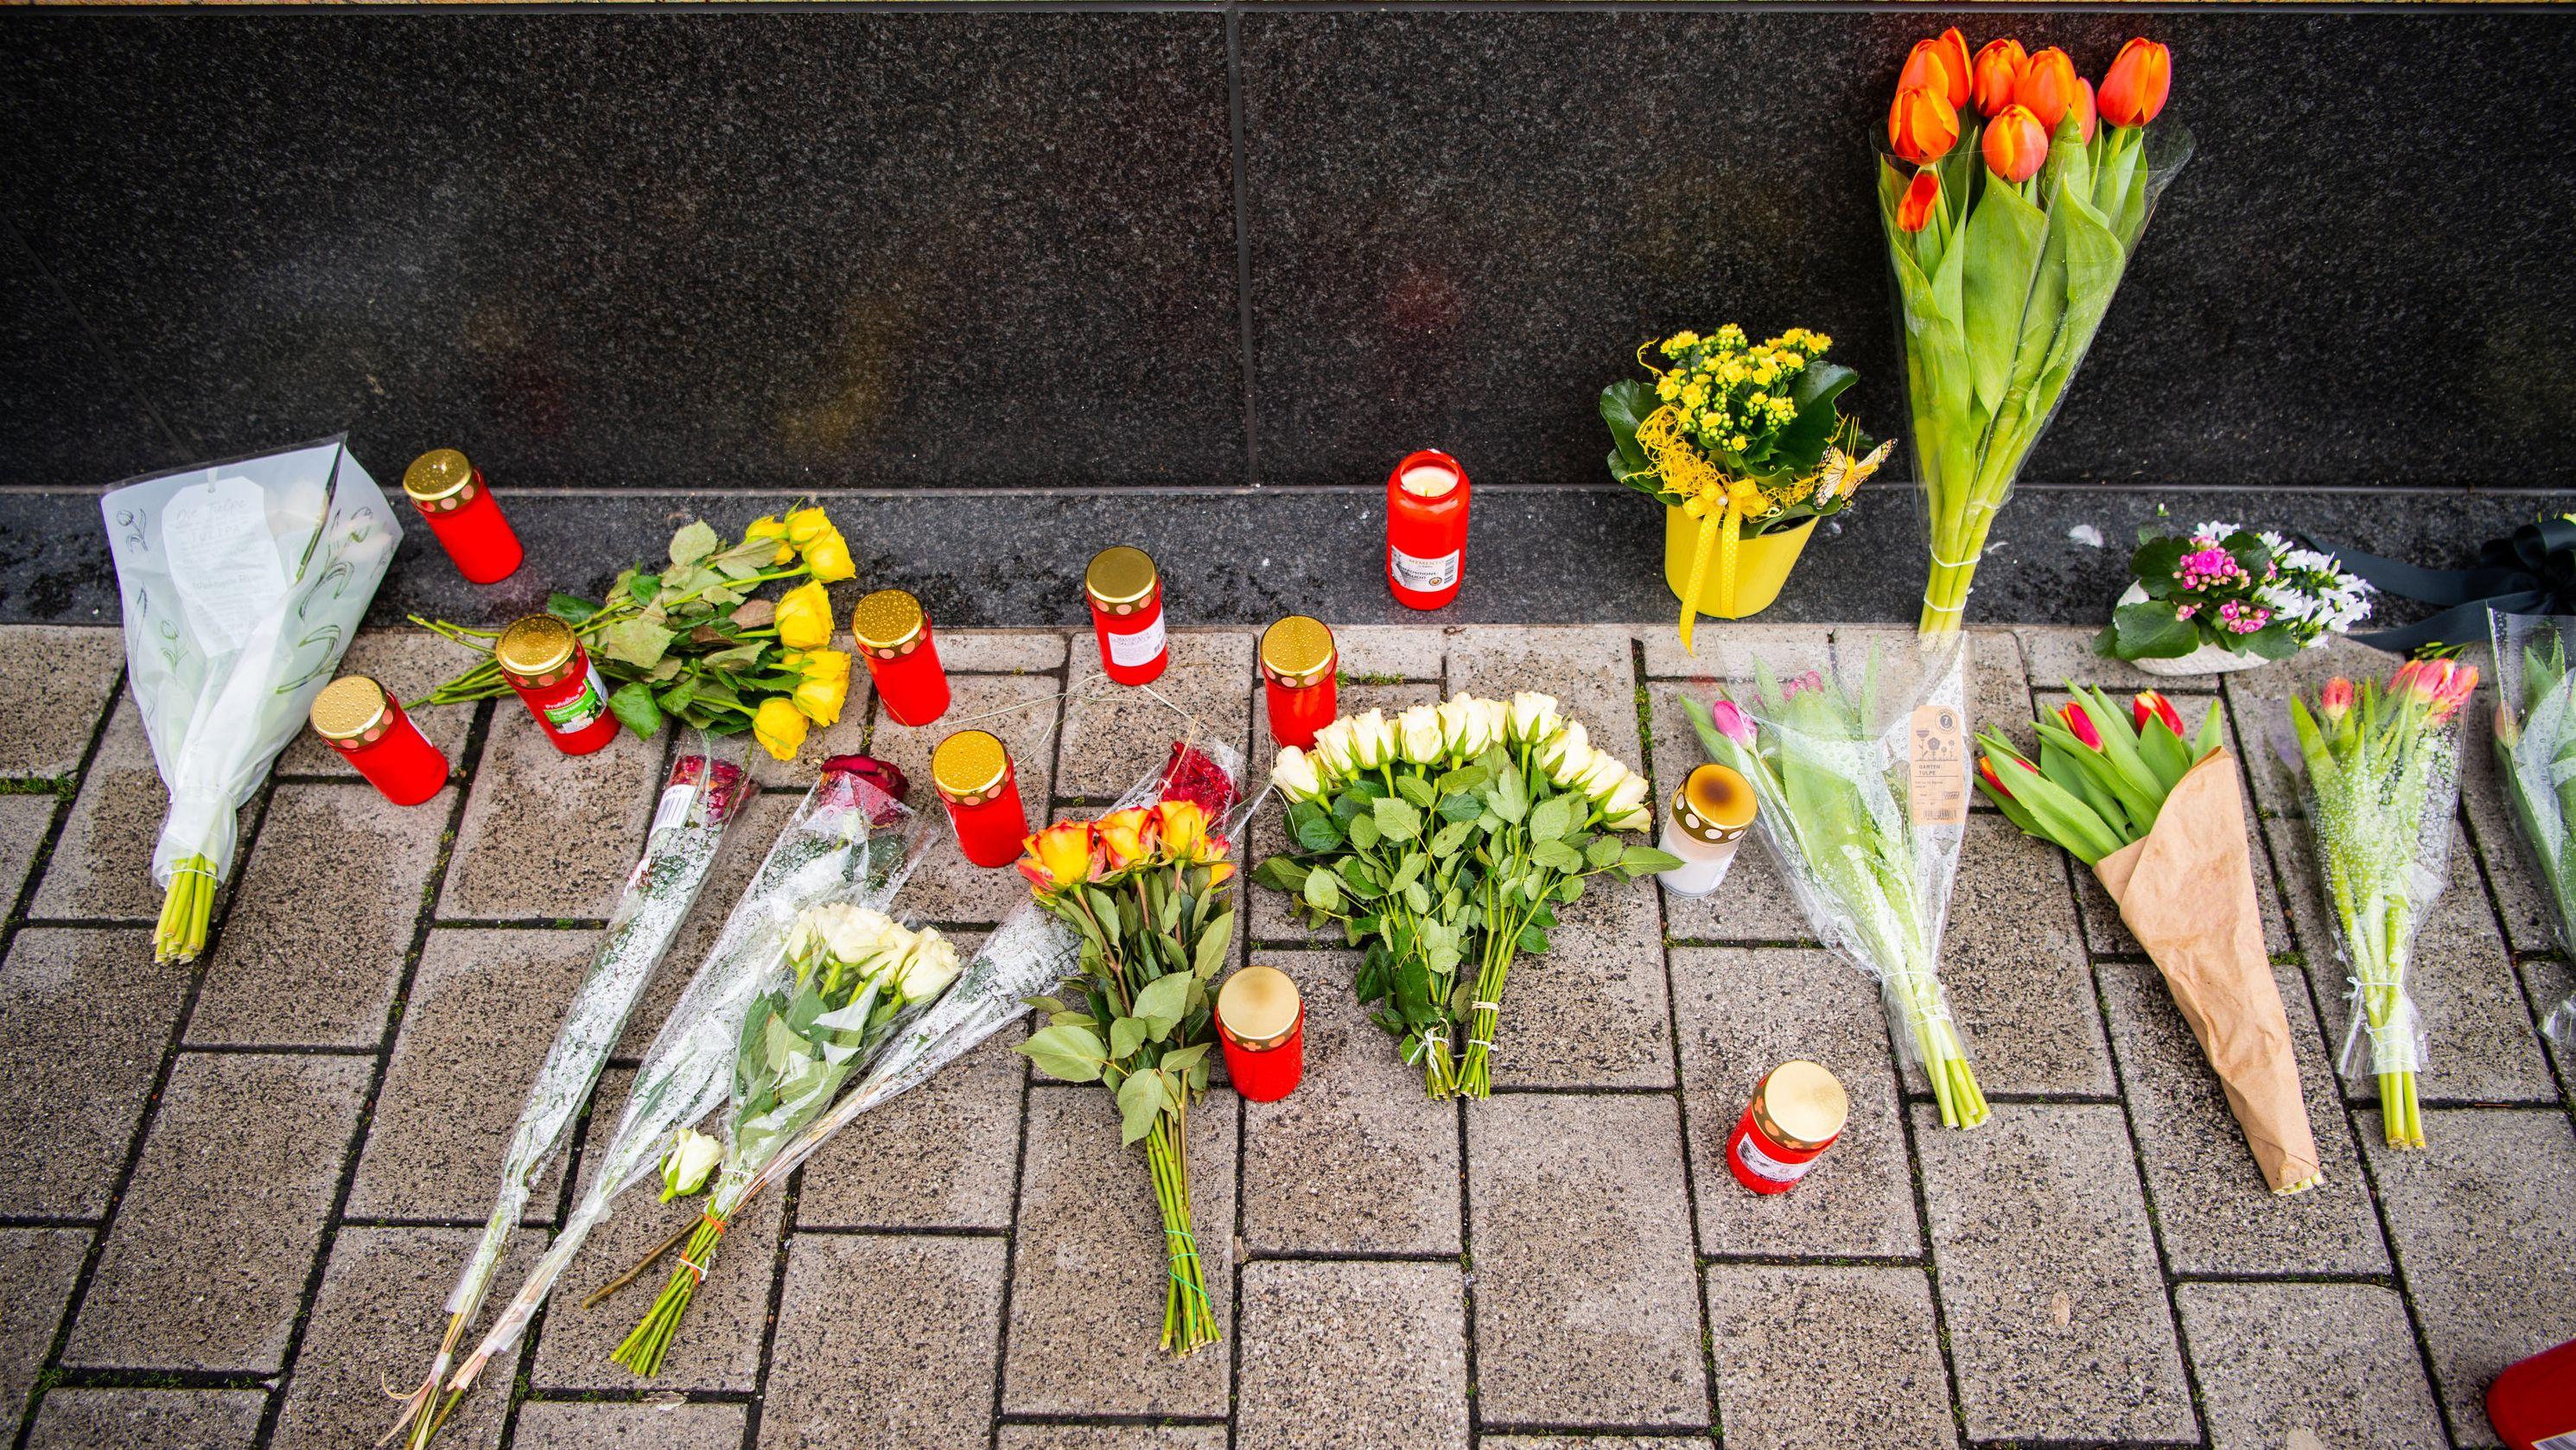 Hanau: Schütze von Hanau wohnte zeitweise in München